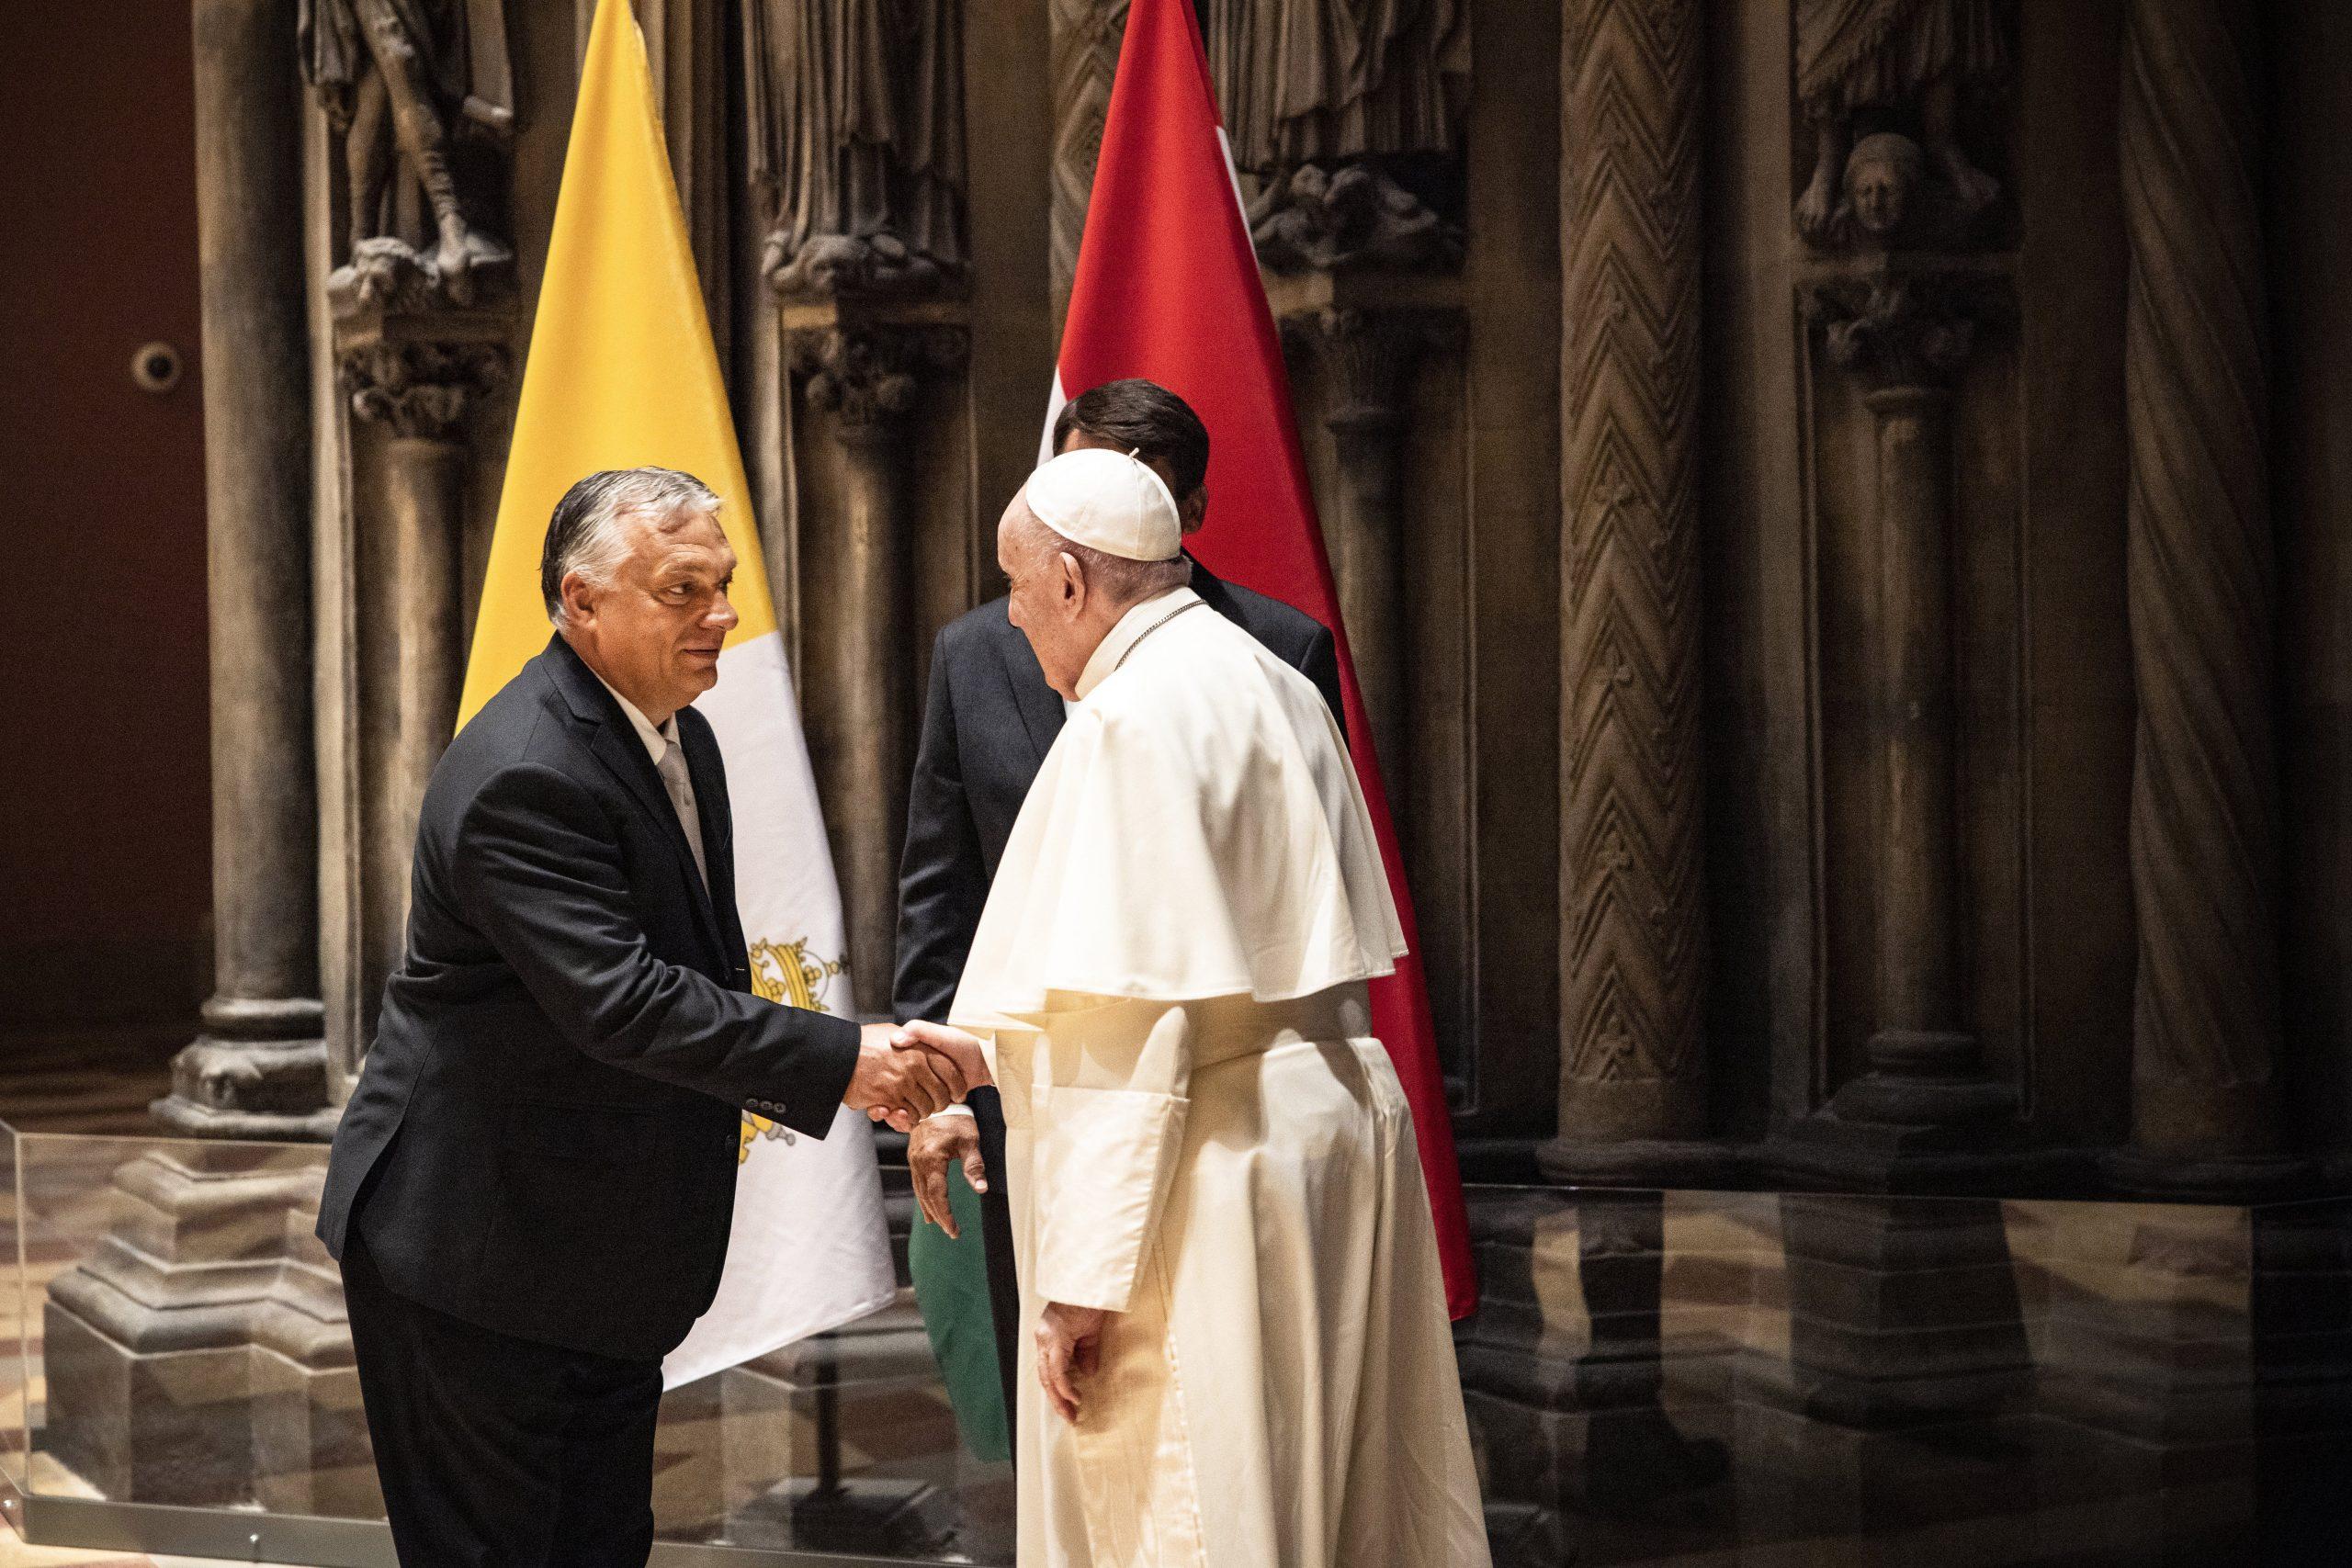 Orbán bat Franziskus, das christliche Ungarn nicht verloren gehen zu lassen